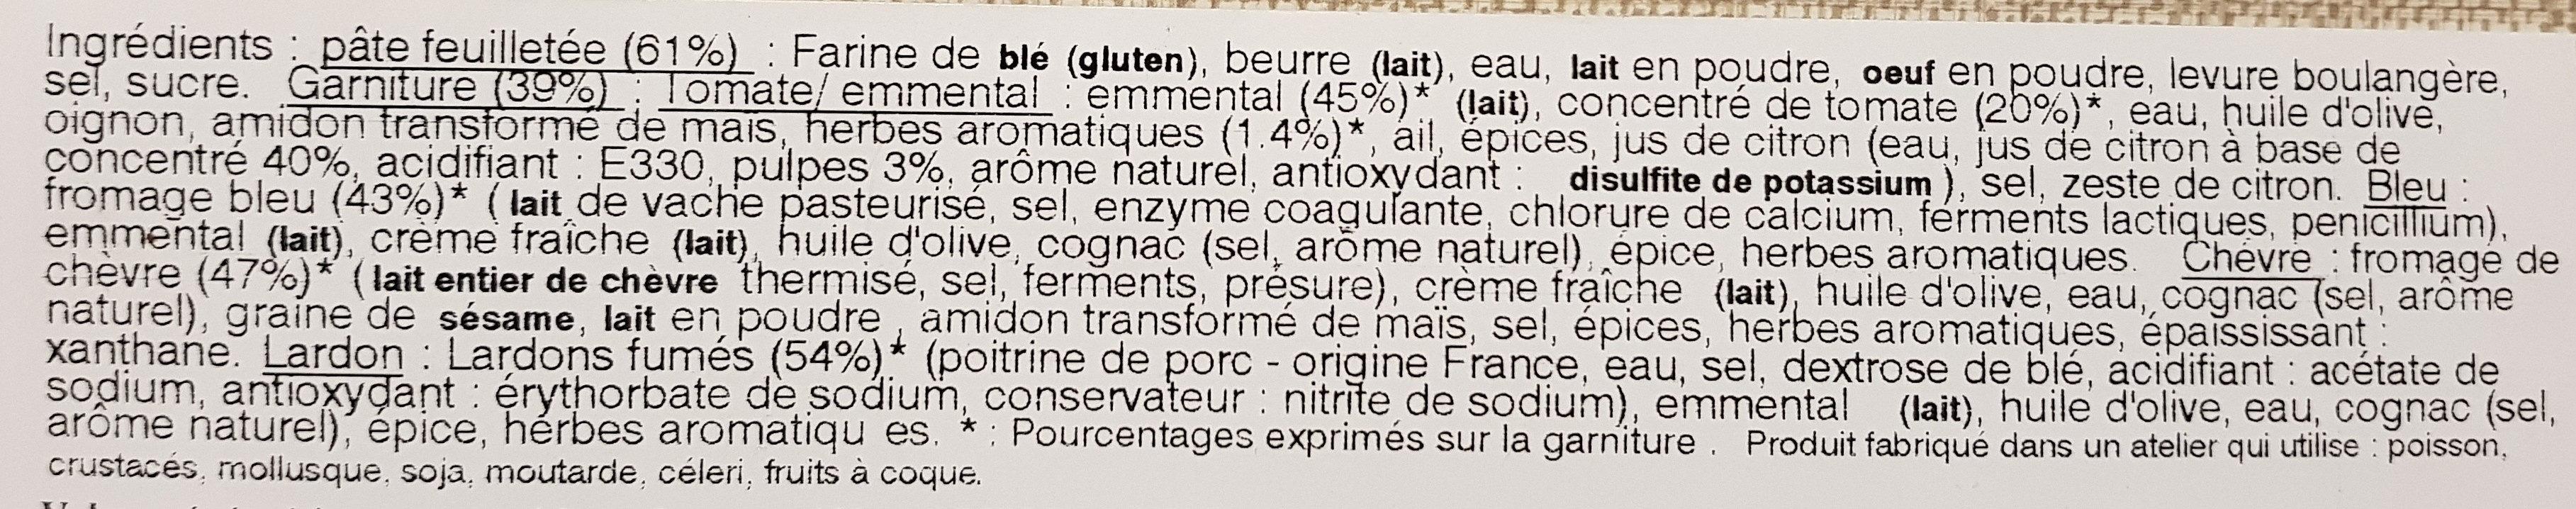 Feuilletés apéritifs assortis - Ingredients - fr